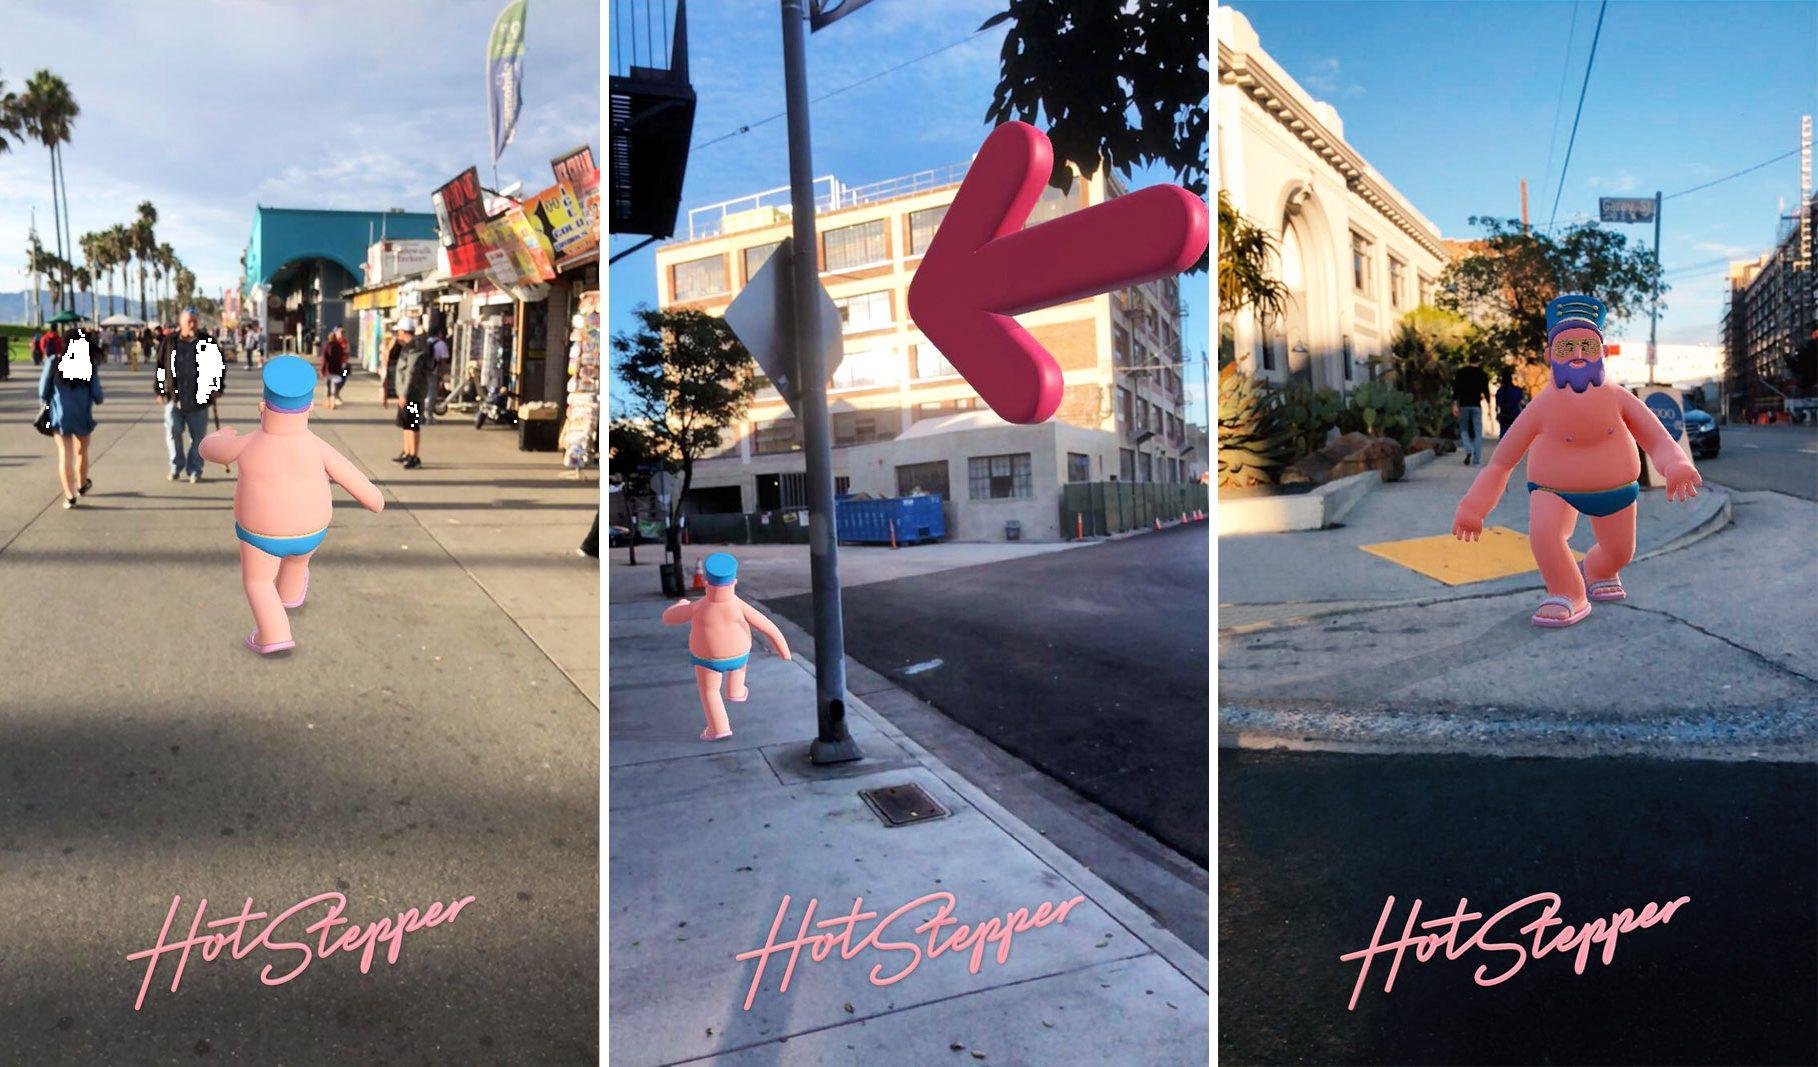 HotStepper, le GPS qu'il faut suivre grâce à la réalité augmentée